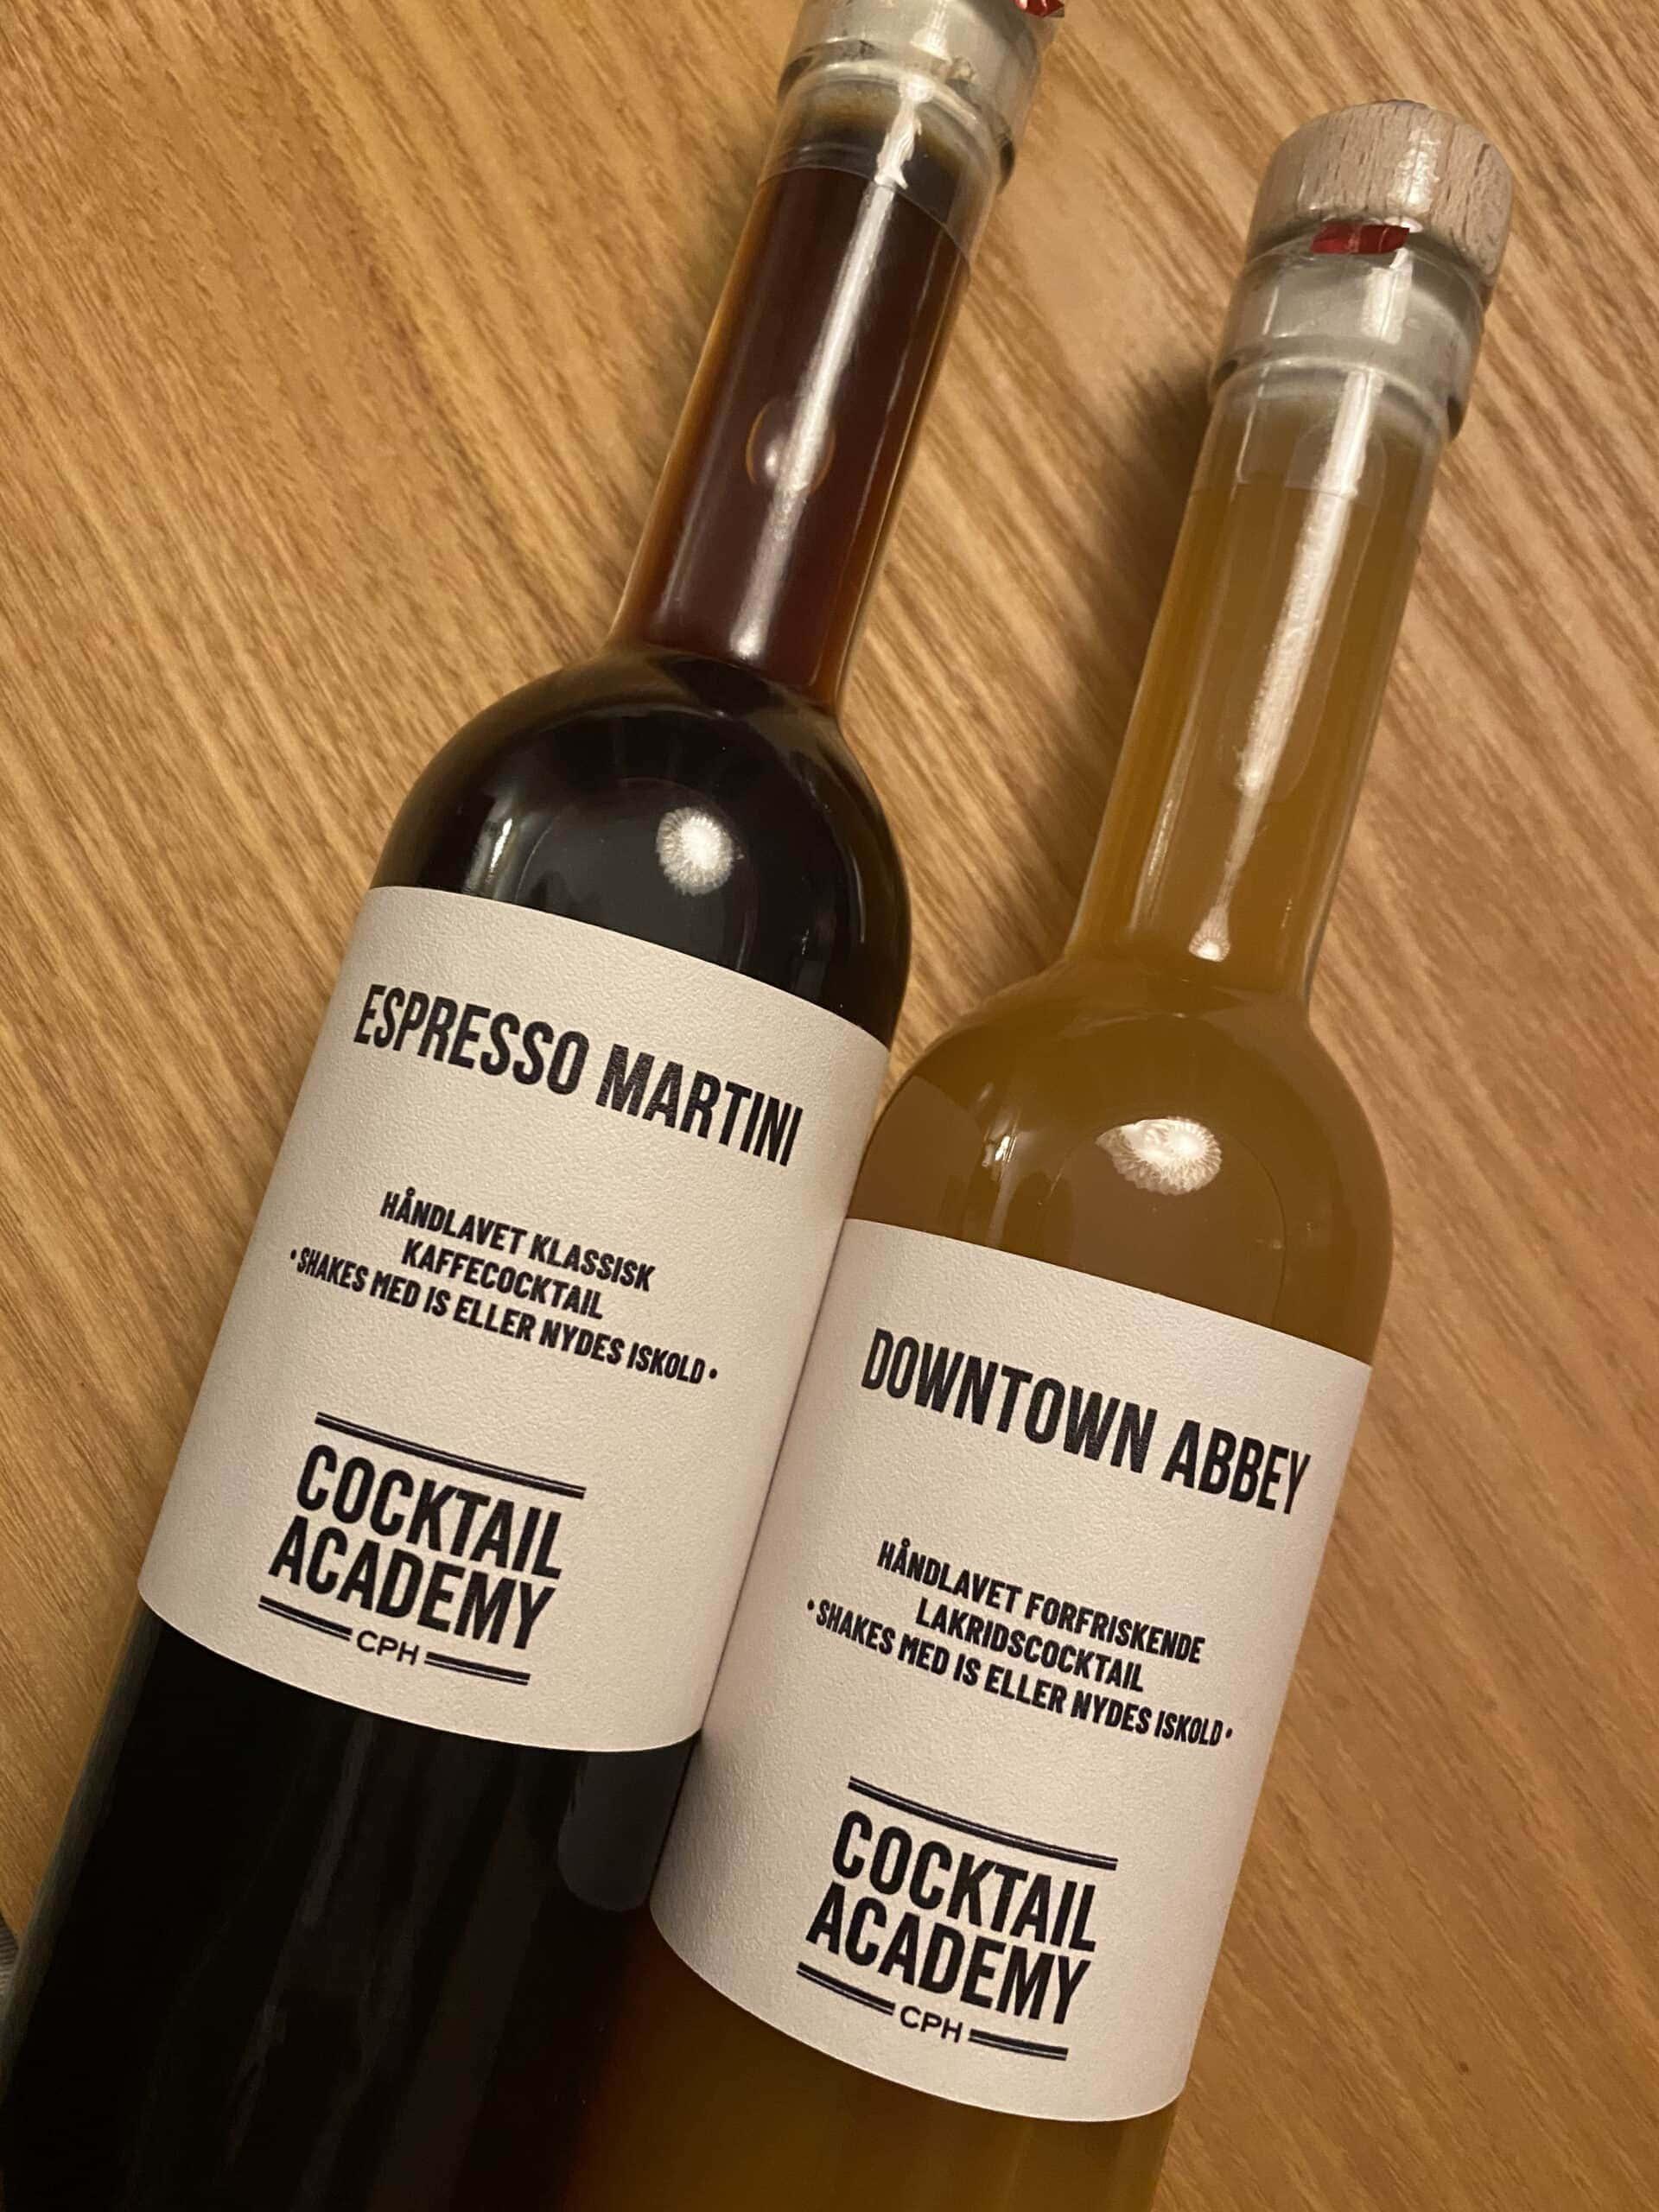 Downtown Abbey og Espresso Martini som cocktails på flaske fra Copenhagen Cocktail Academy